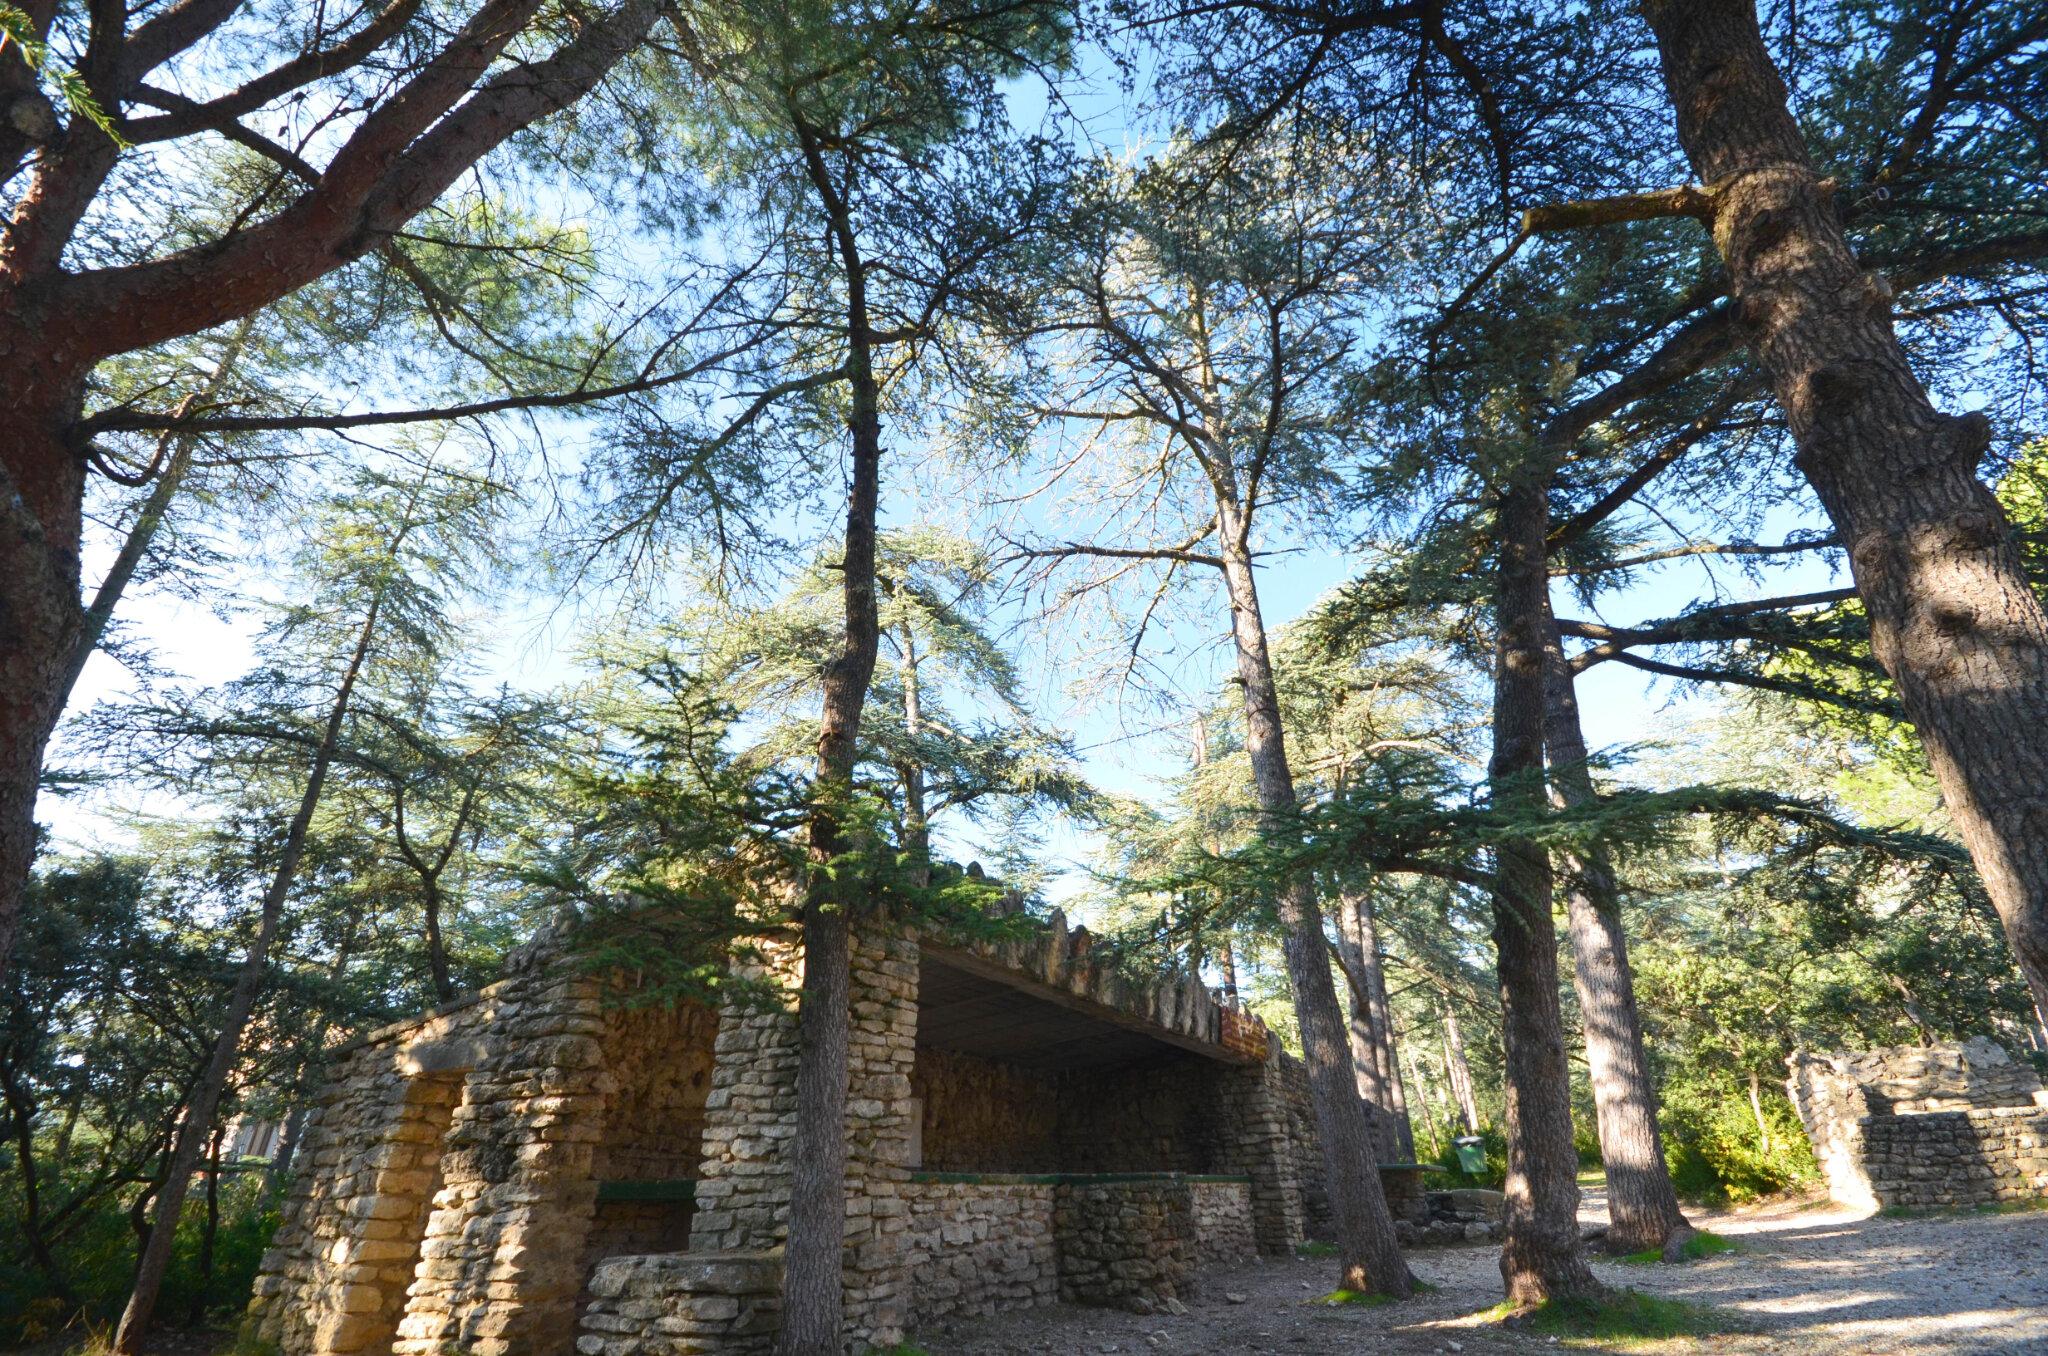 Cabrières d'Avignon et sa forêt de Cèdres